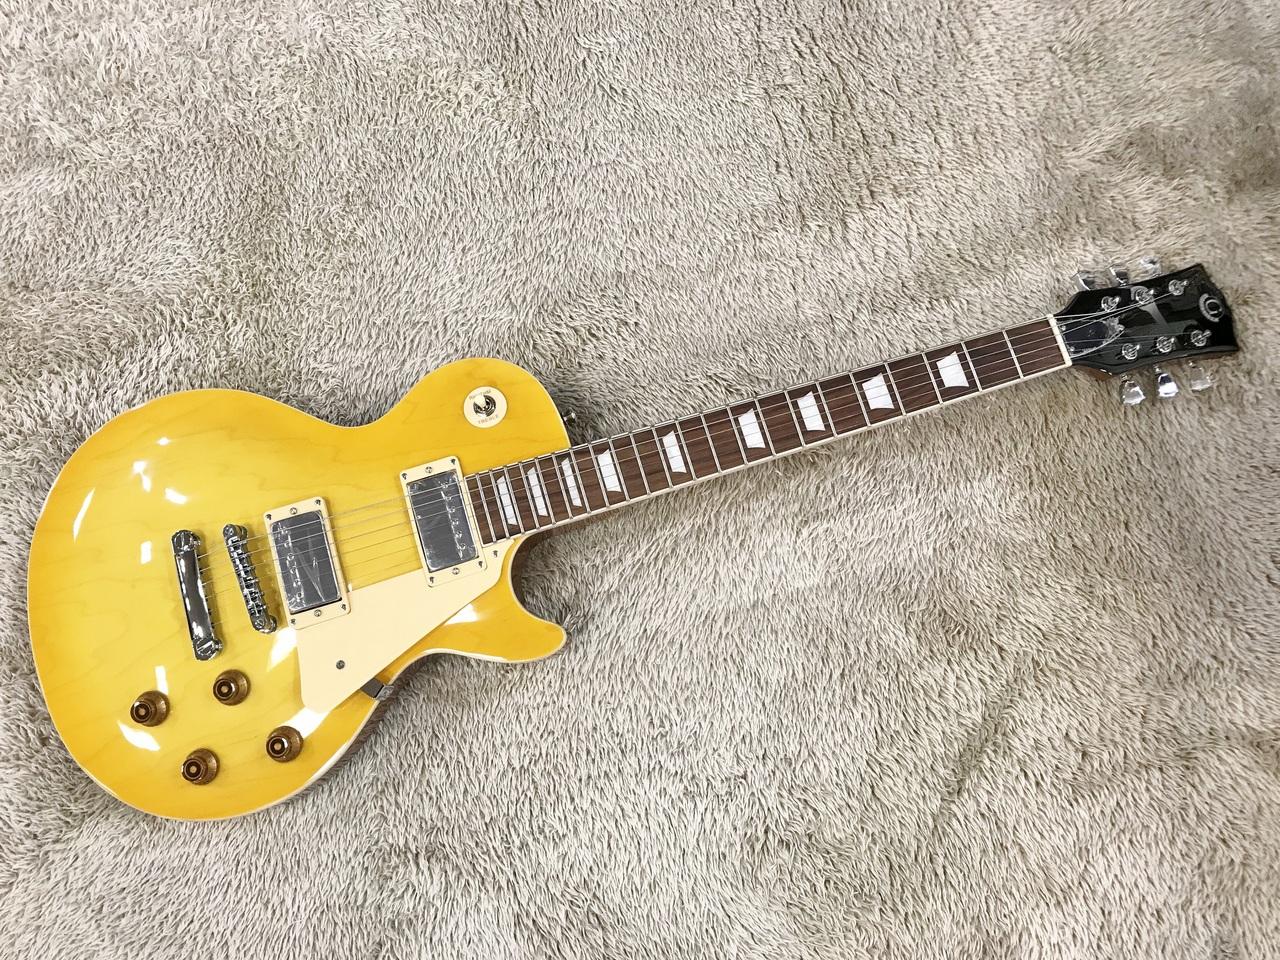 Goodfellow YLP-600 LB (Lemon Burst) 【山野楽器 オリジナル】